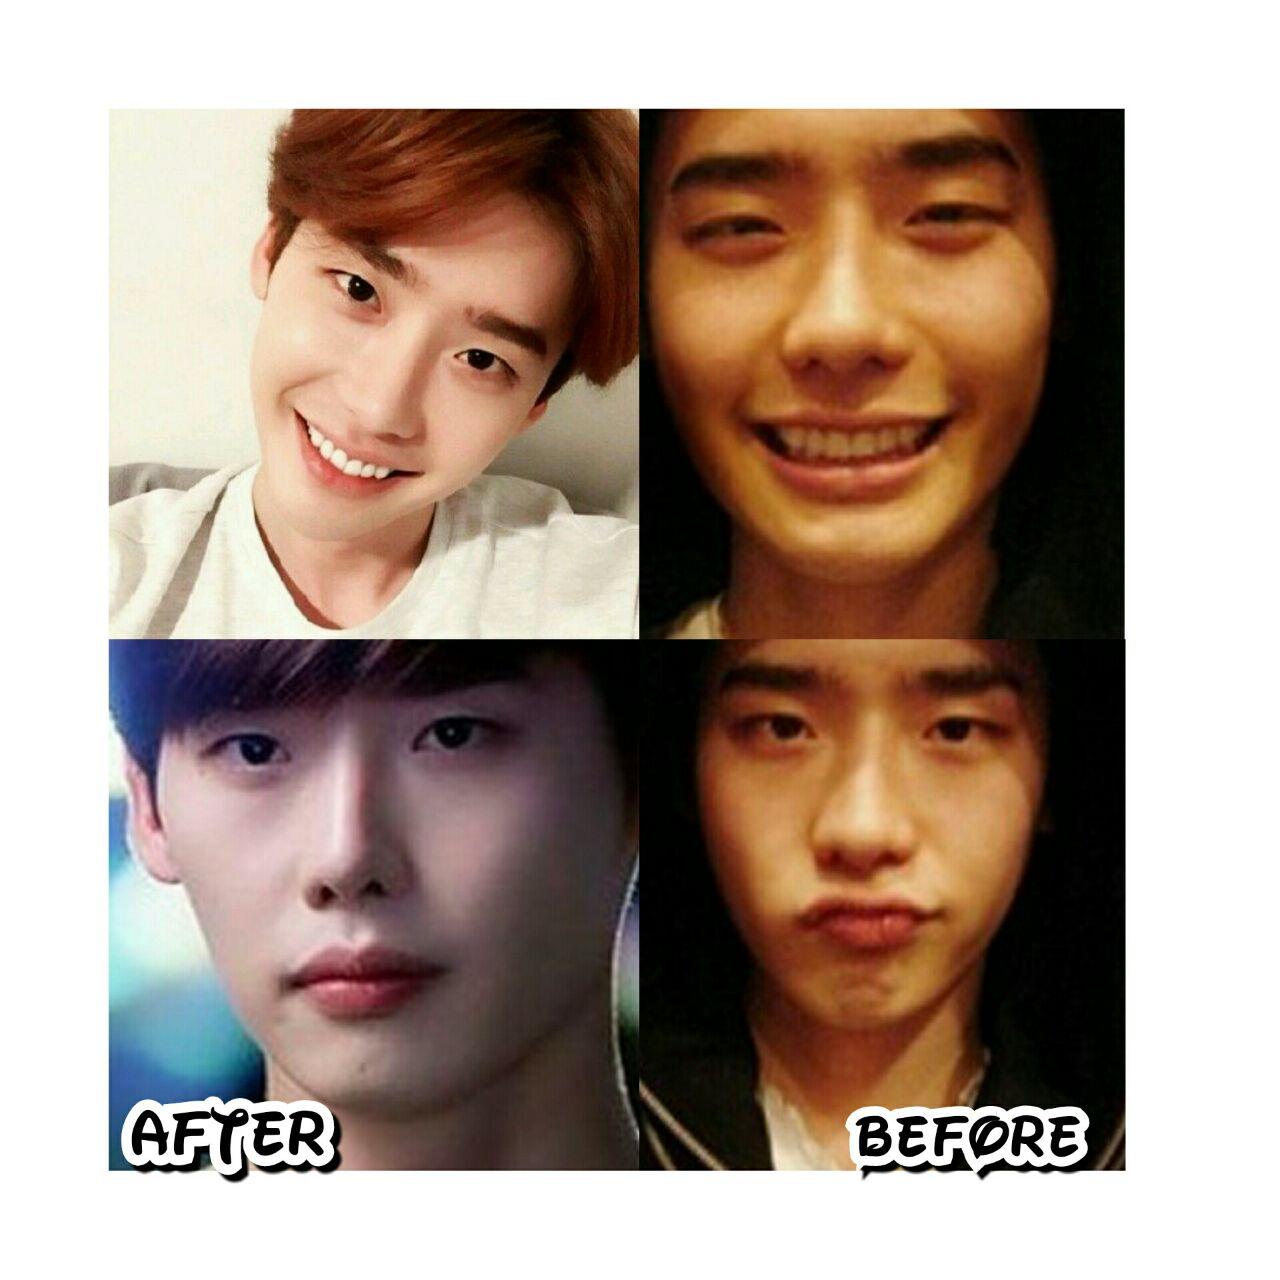 عکس بازیگر لی جونگ سوک قبل و بعد از عمل بینی👃🏻